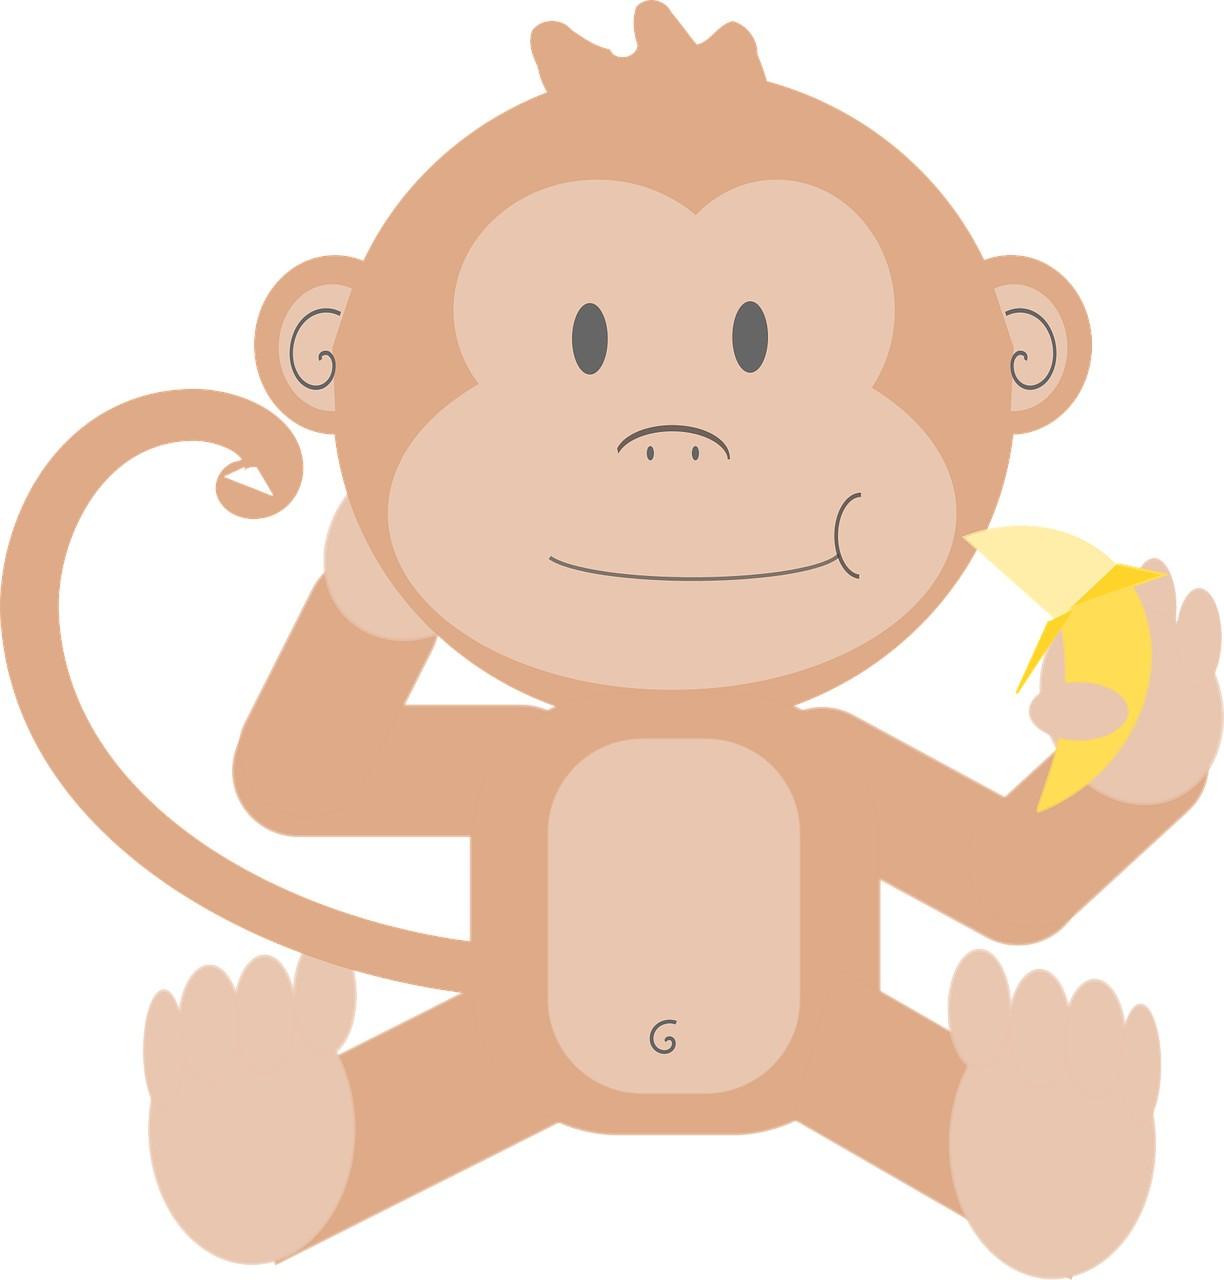 Małpa w kąpieli, stary wierszyk dla dzieci